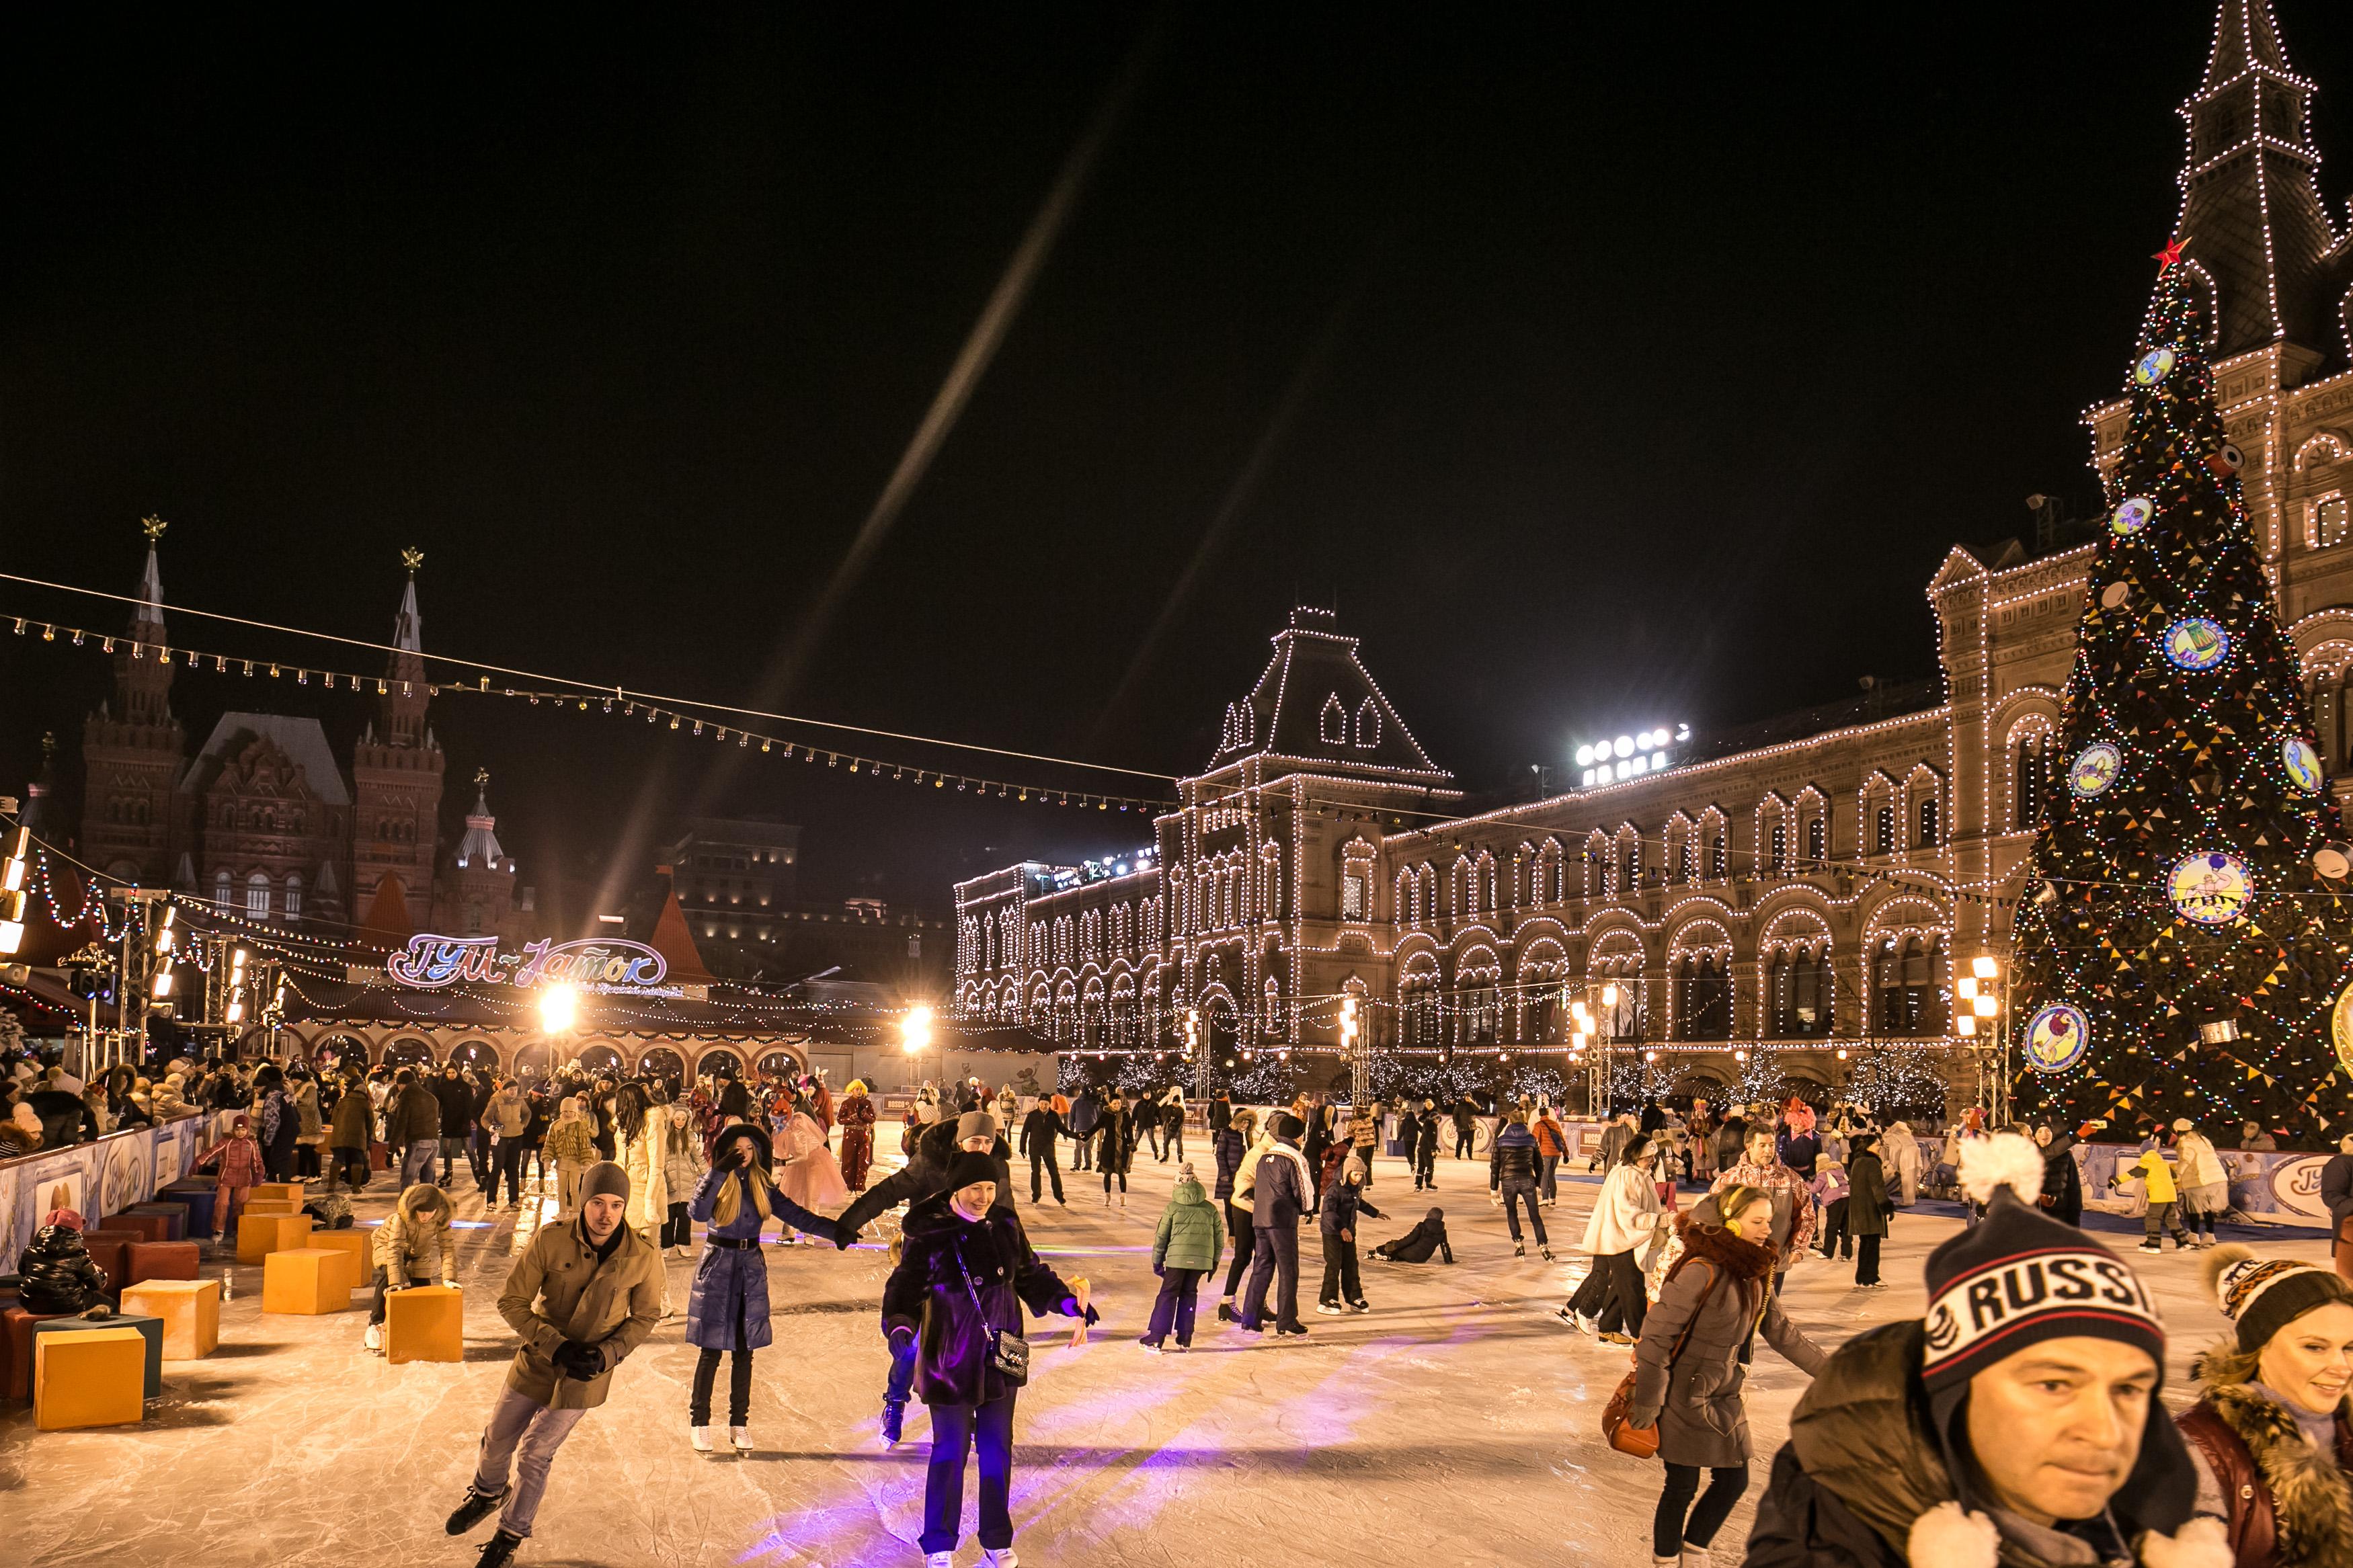 Особенности зимних развлечений на главной площади страны фото